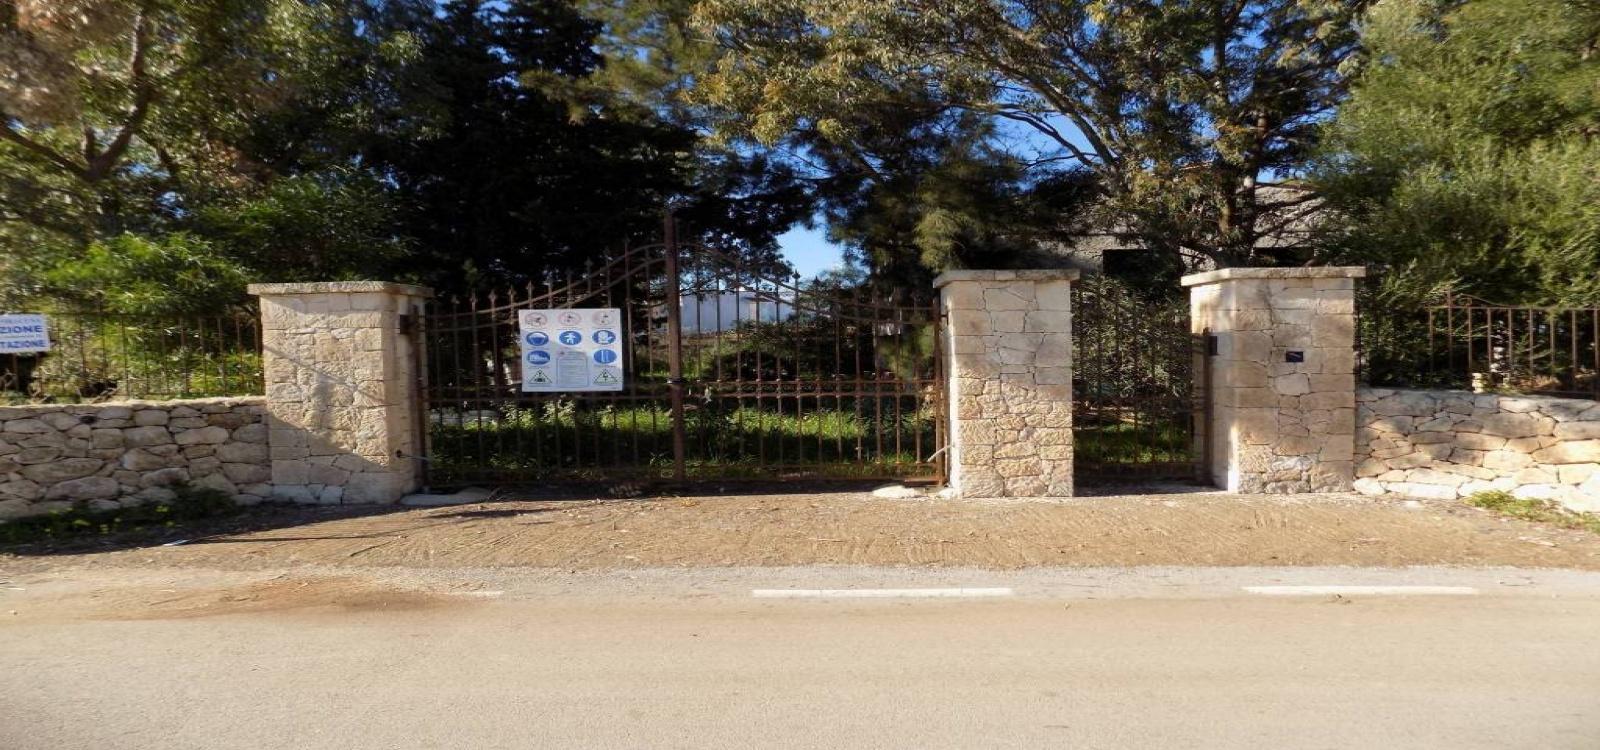 PLEMMIRIO,SIRACUSA,96100,Villa,PLEMMIRIO,2306